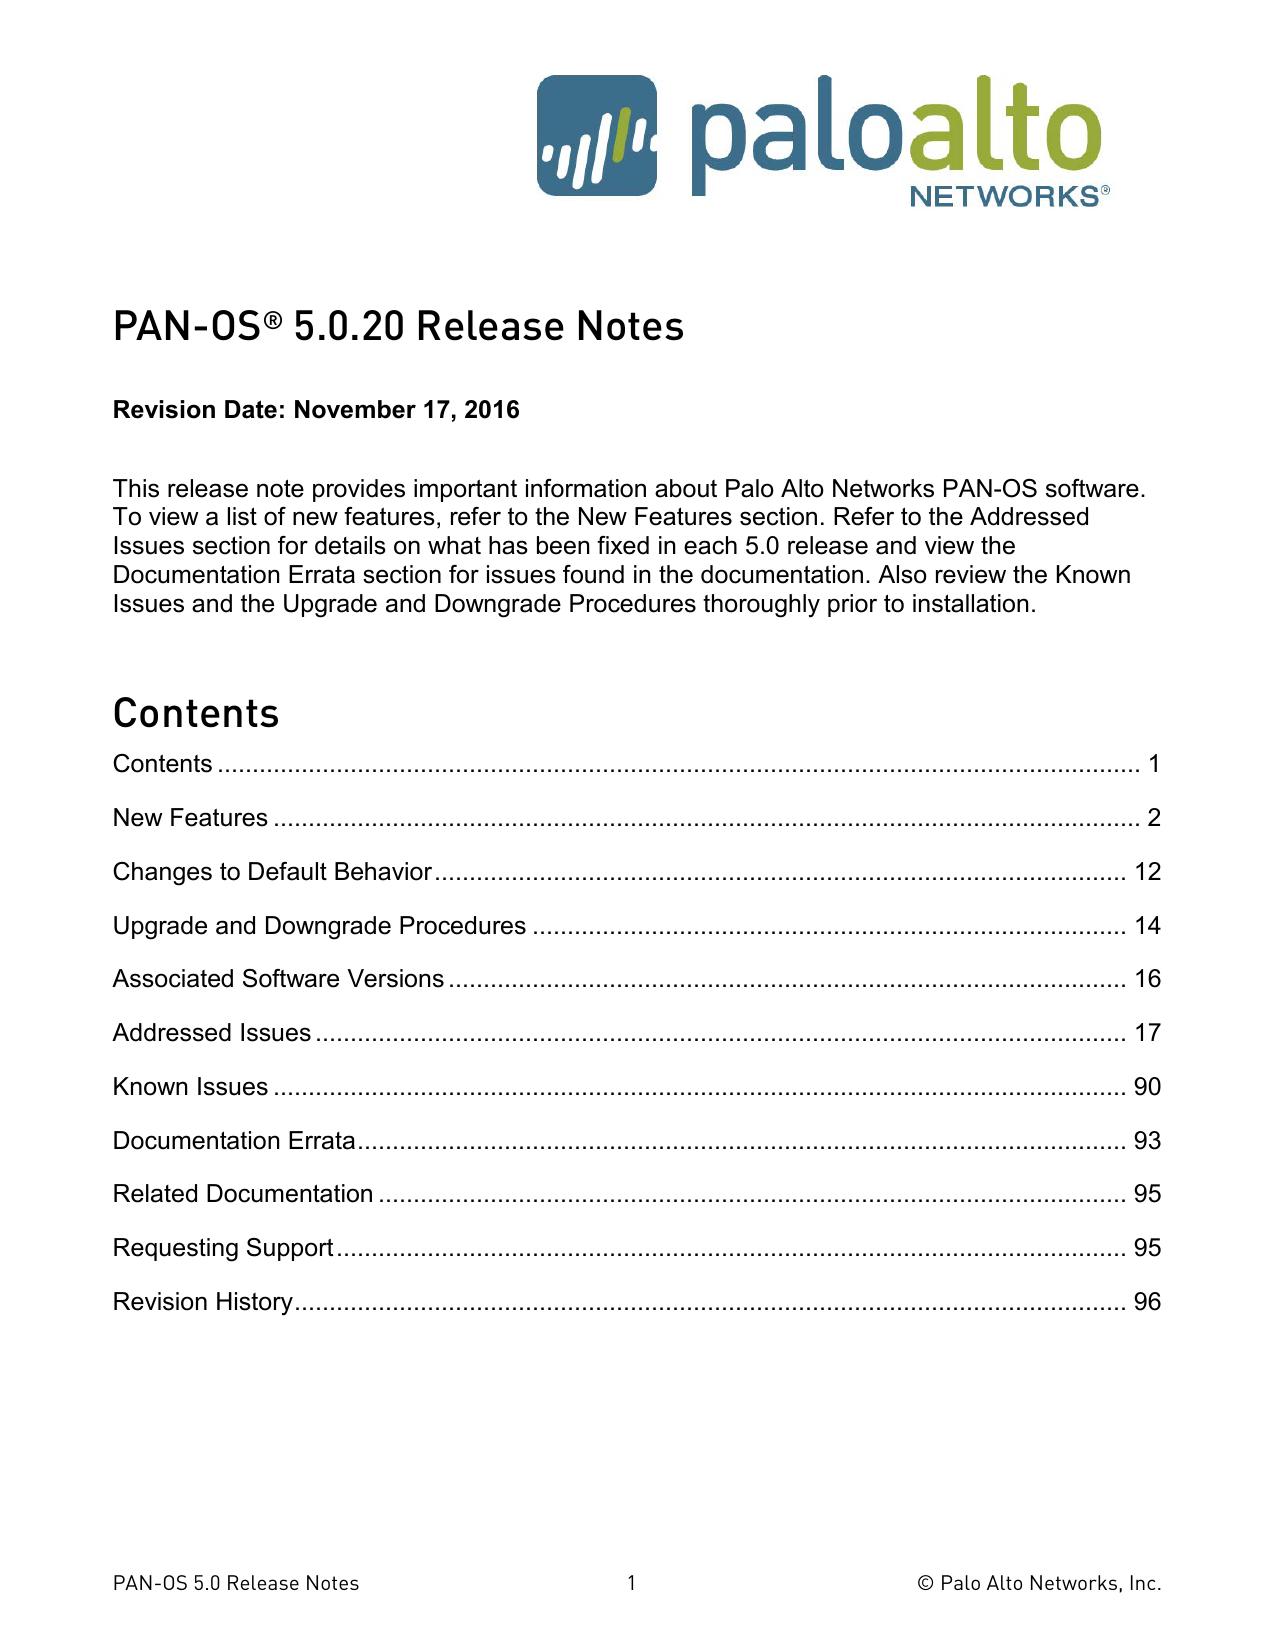 Palo Alto Networks Release Notes | manualzz com